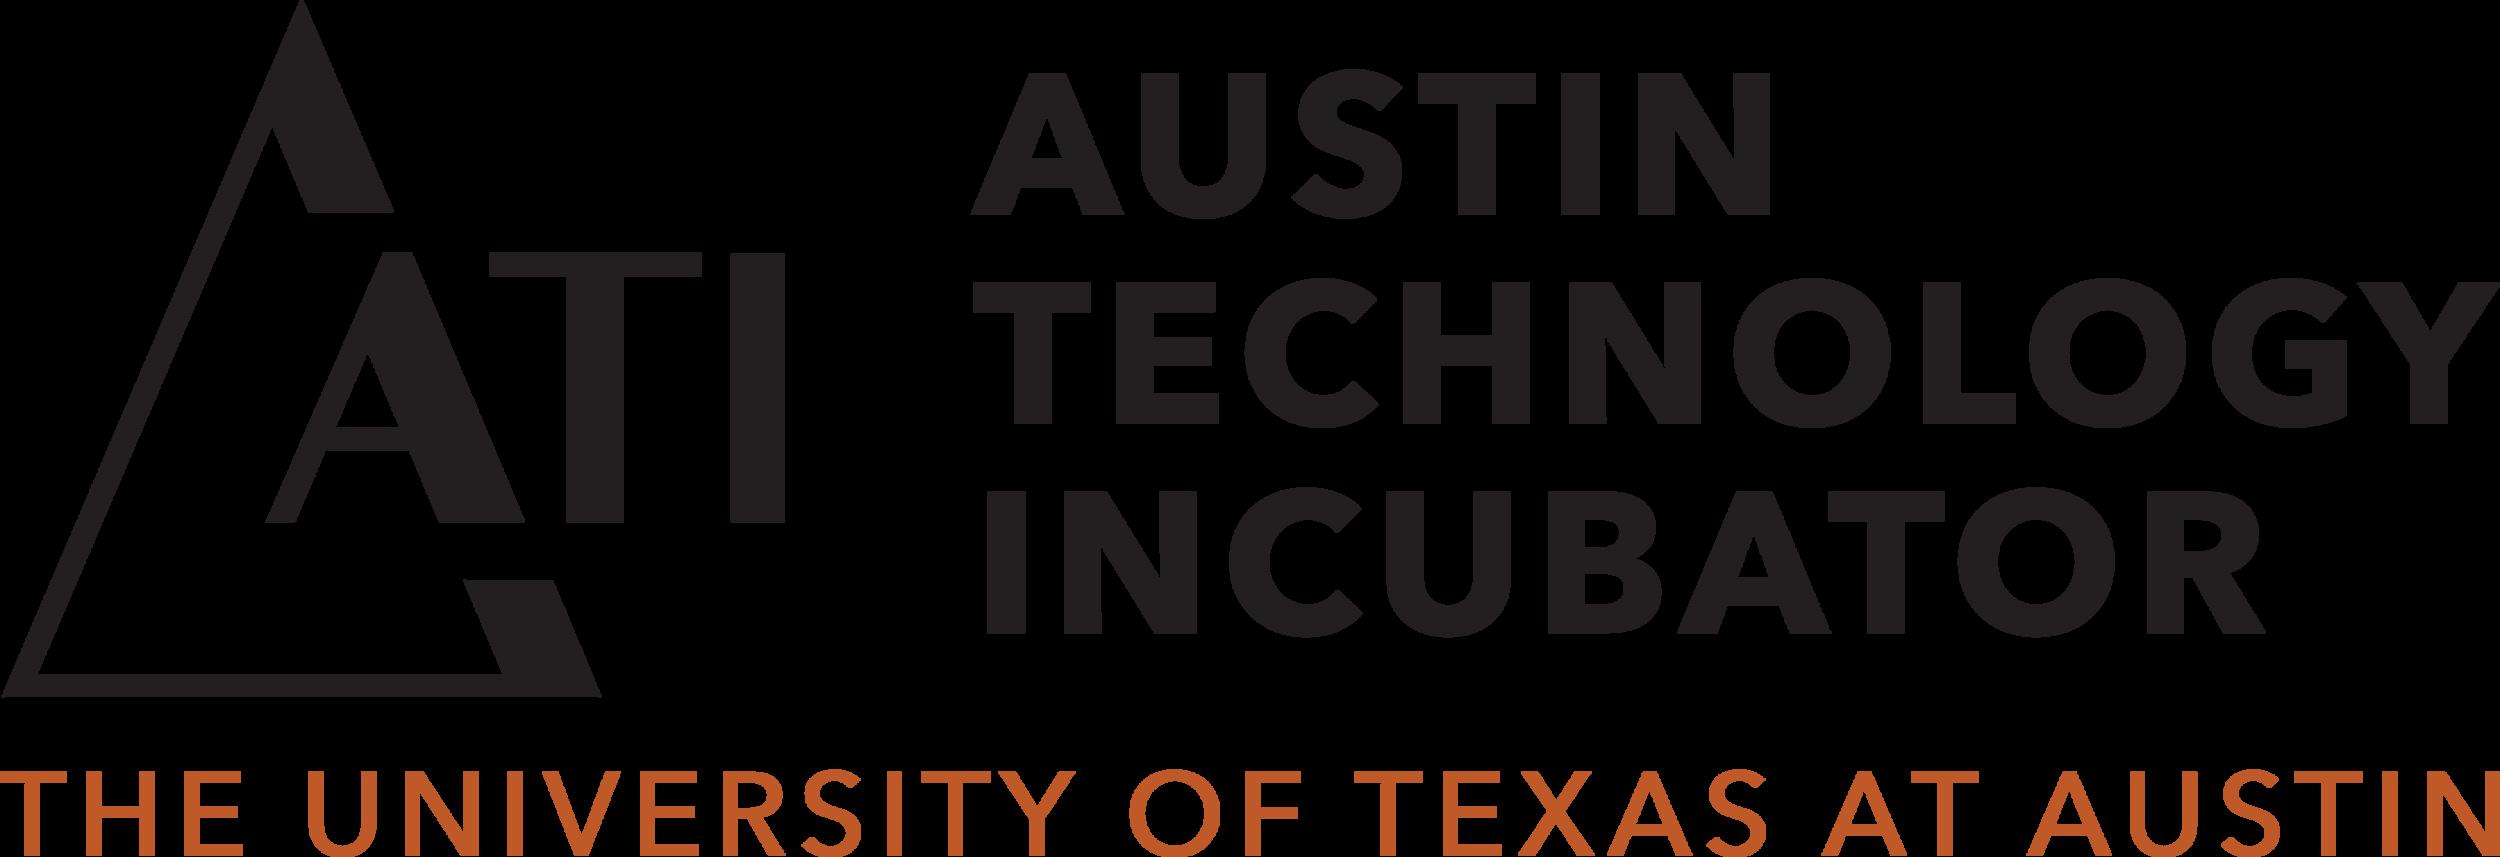 ATI-logo-2019-UT-RGB-3600x1234.png